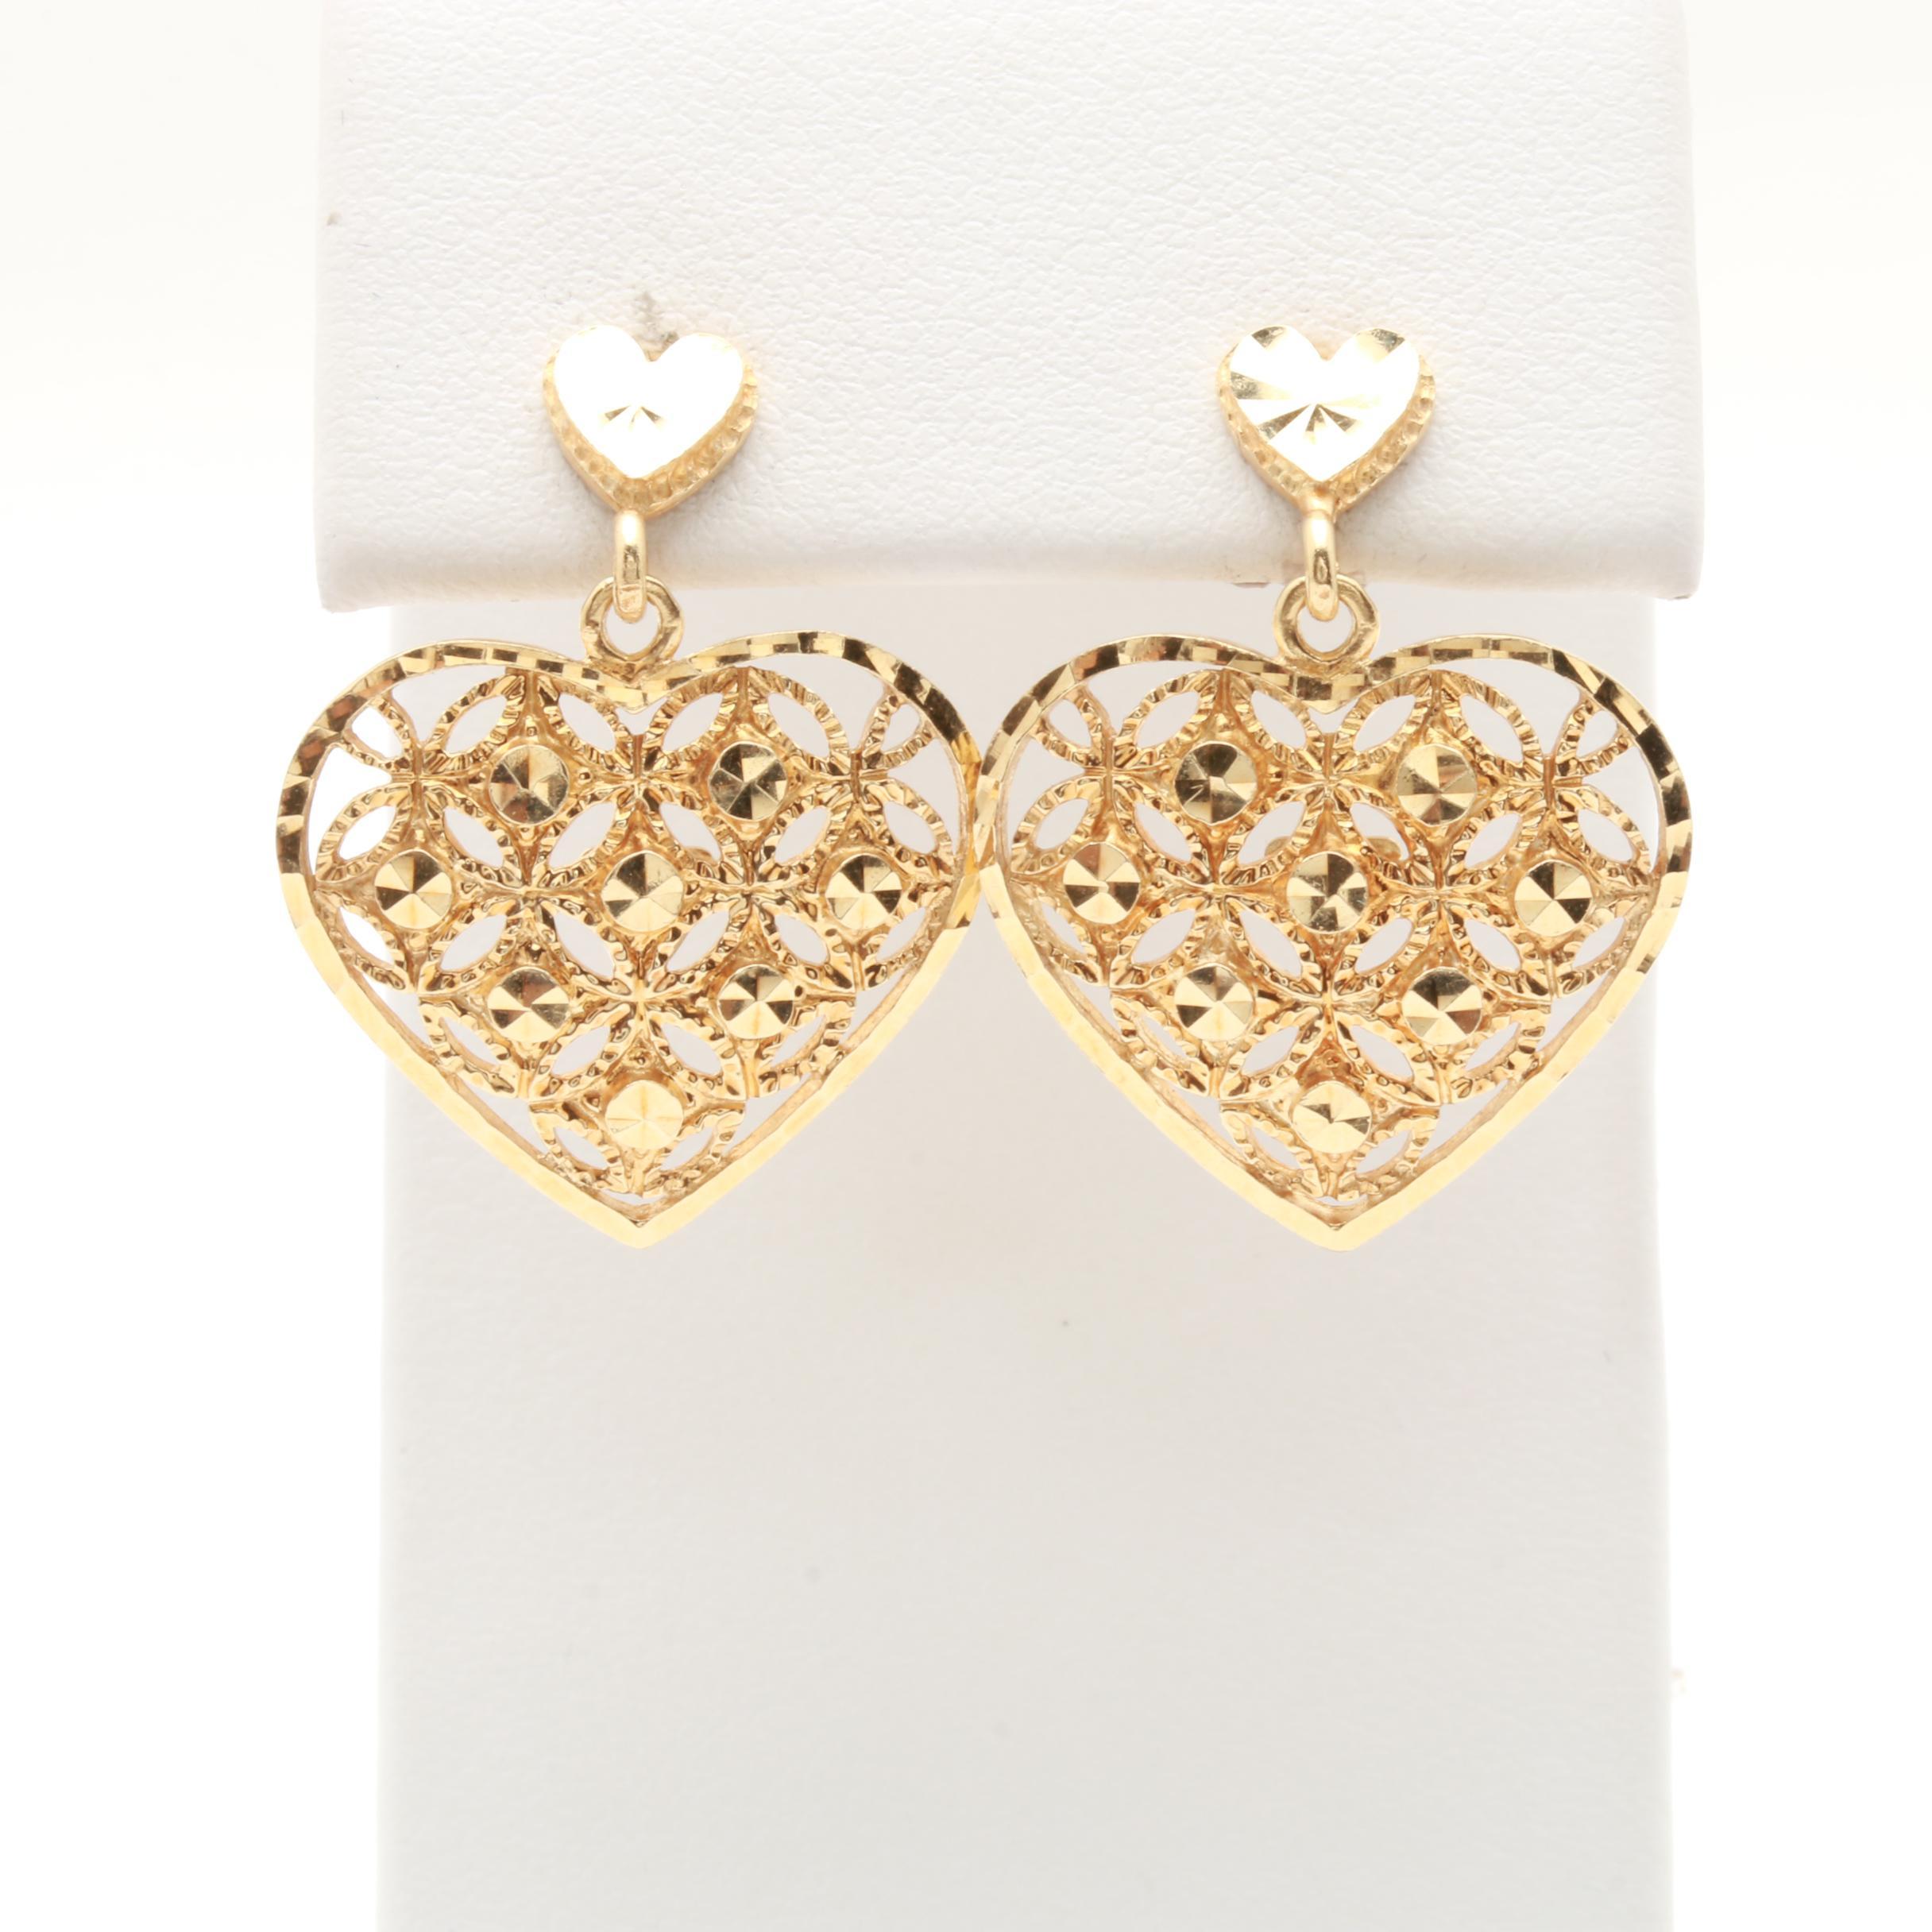 Beverly Hills Gold 14K Yellow Gold Heart Earrings EBTH